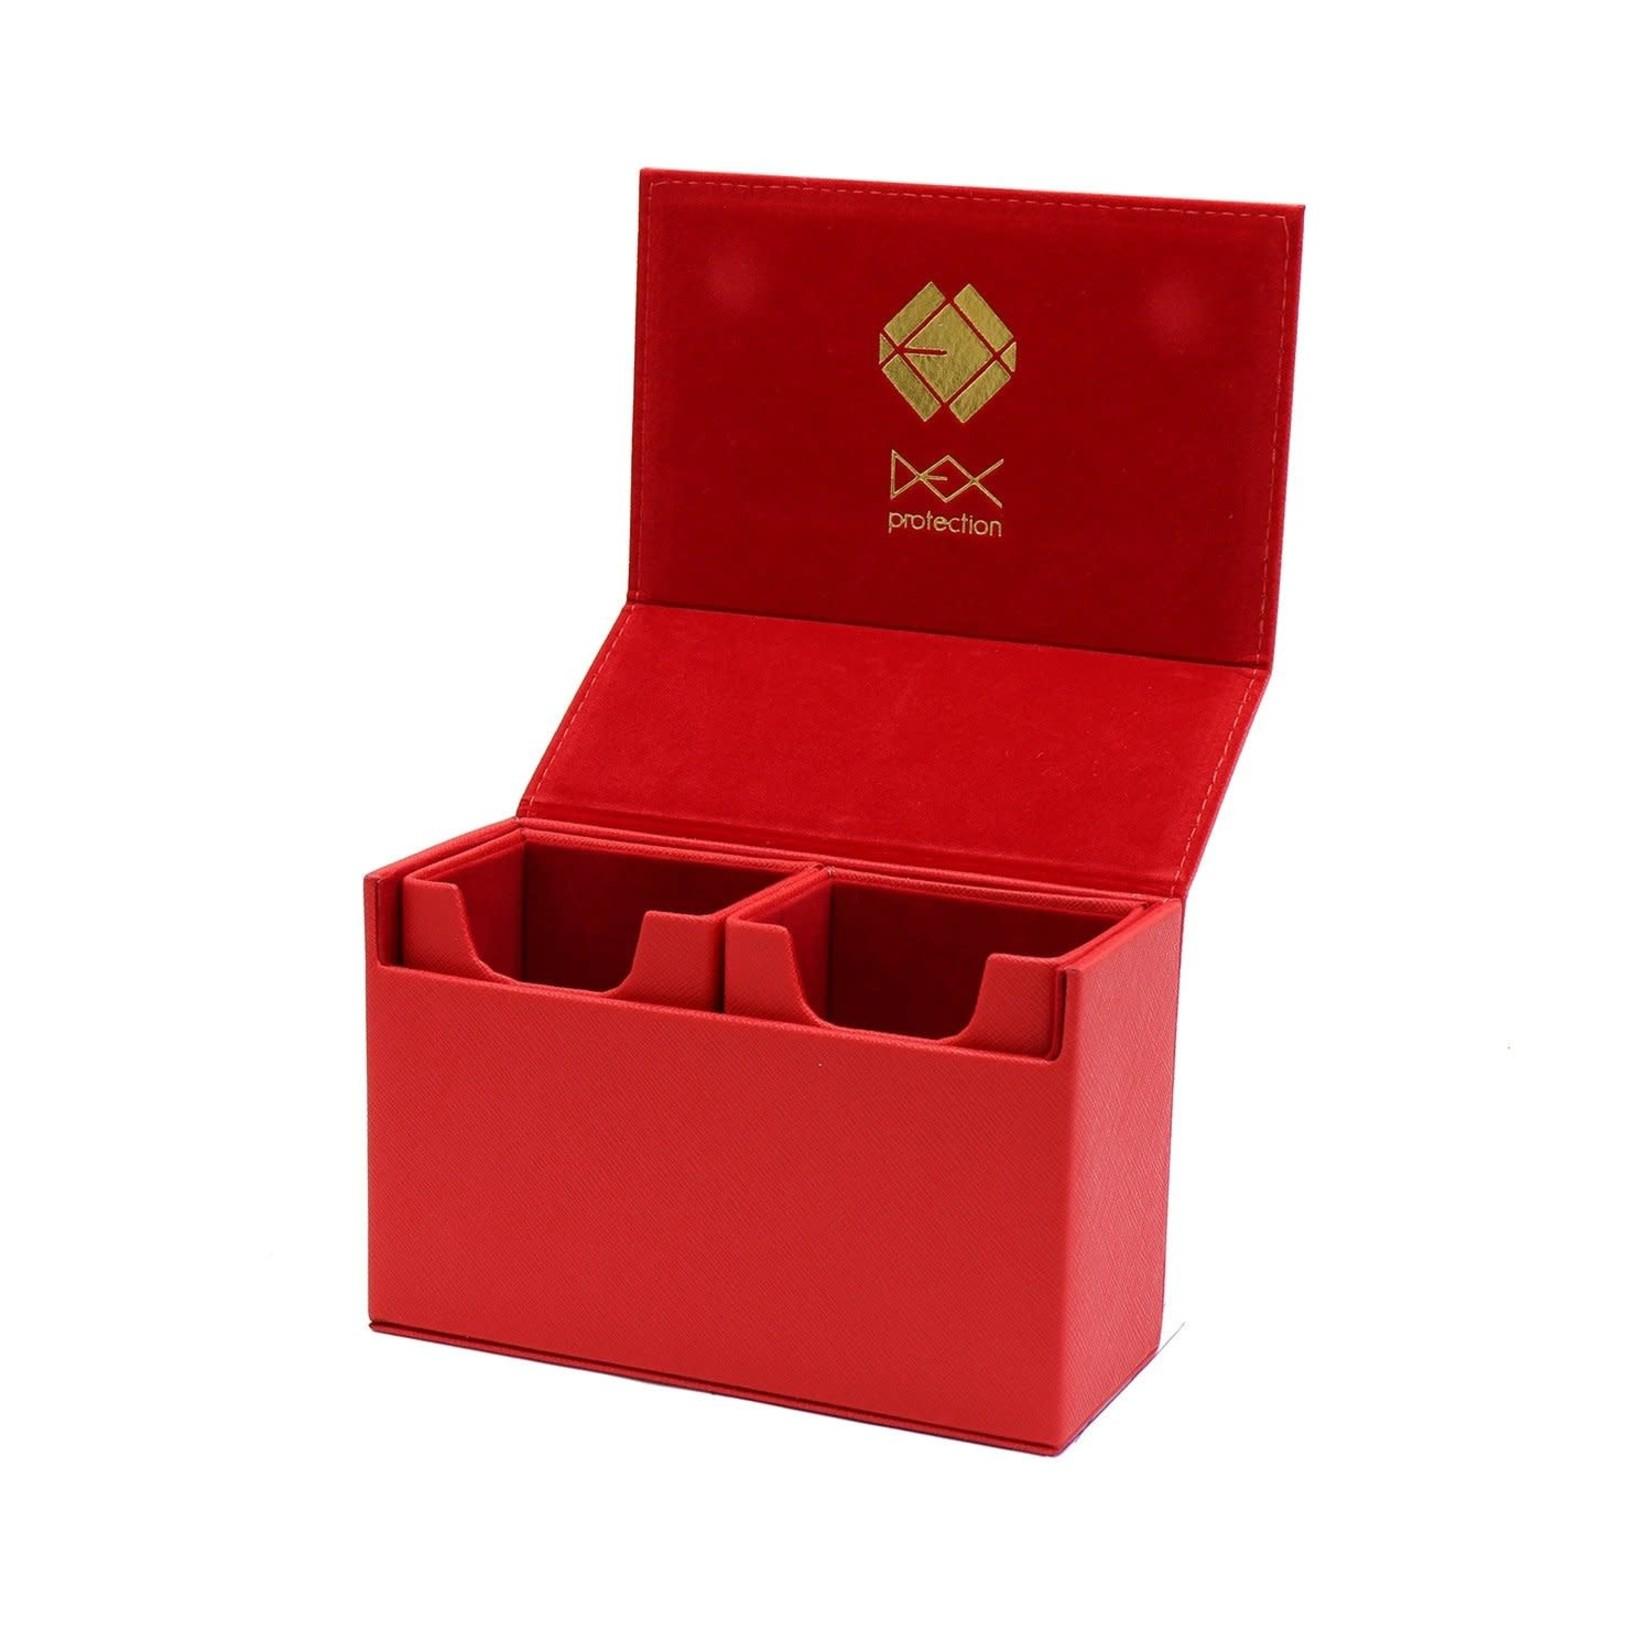 Dex DEX Dualist: Deck Box - Red